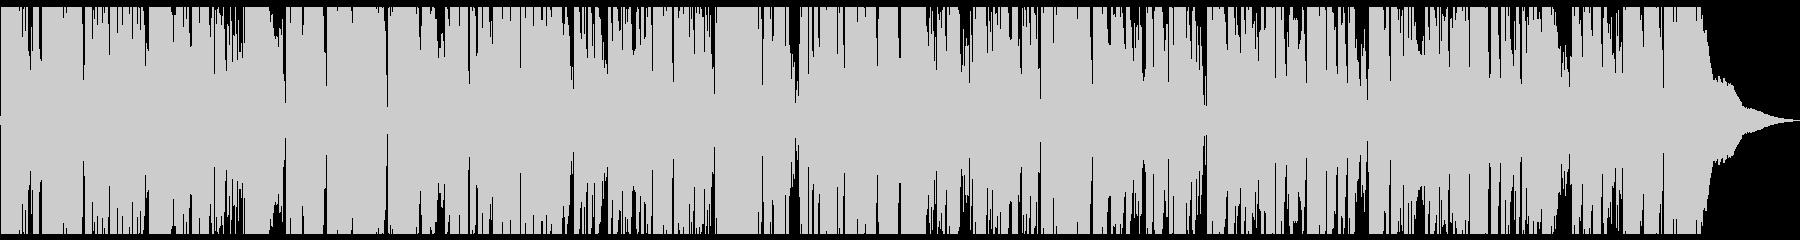 夜の大人なbossa novaボサノヴァの未再生の波形